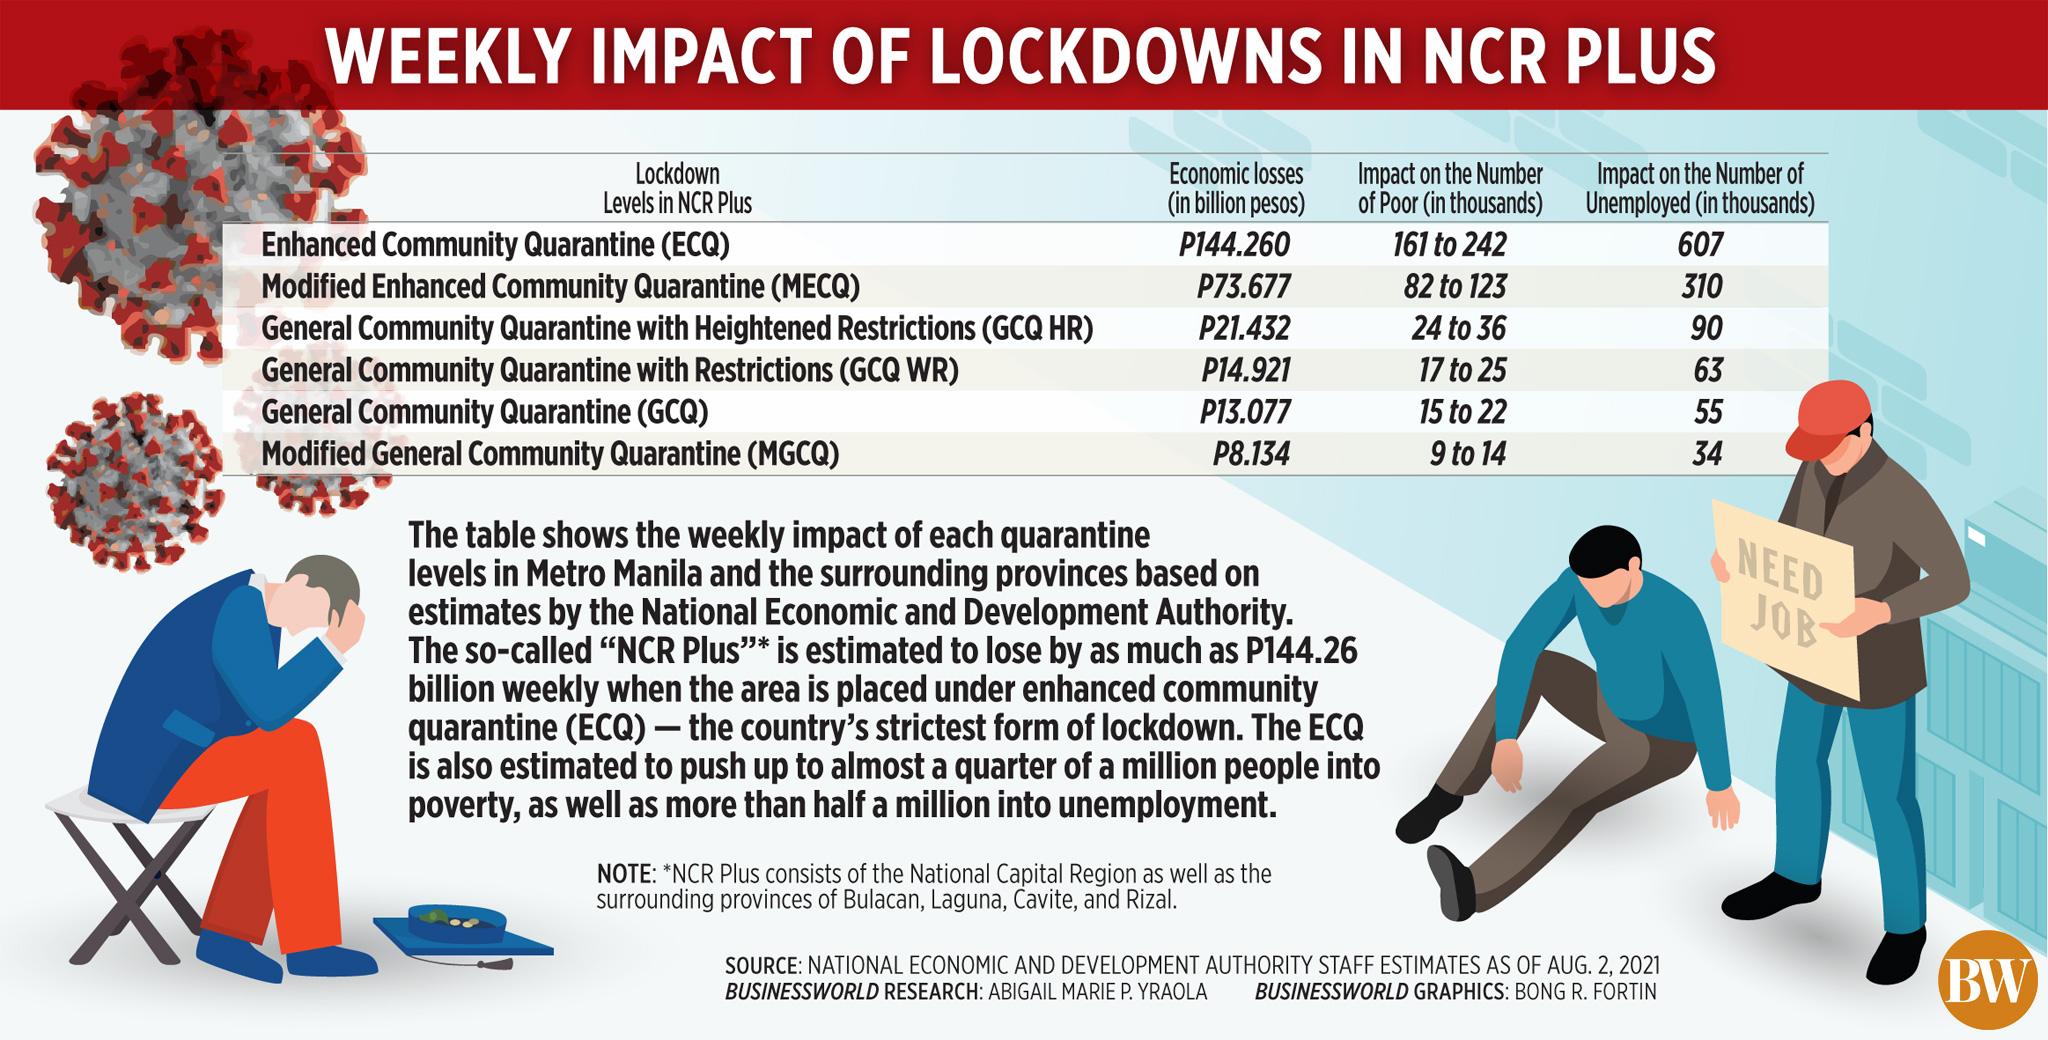 Weekly impact of lockdowns in NCR plus